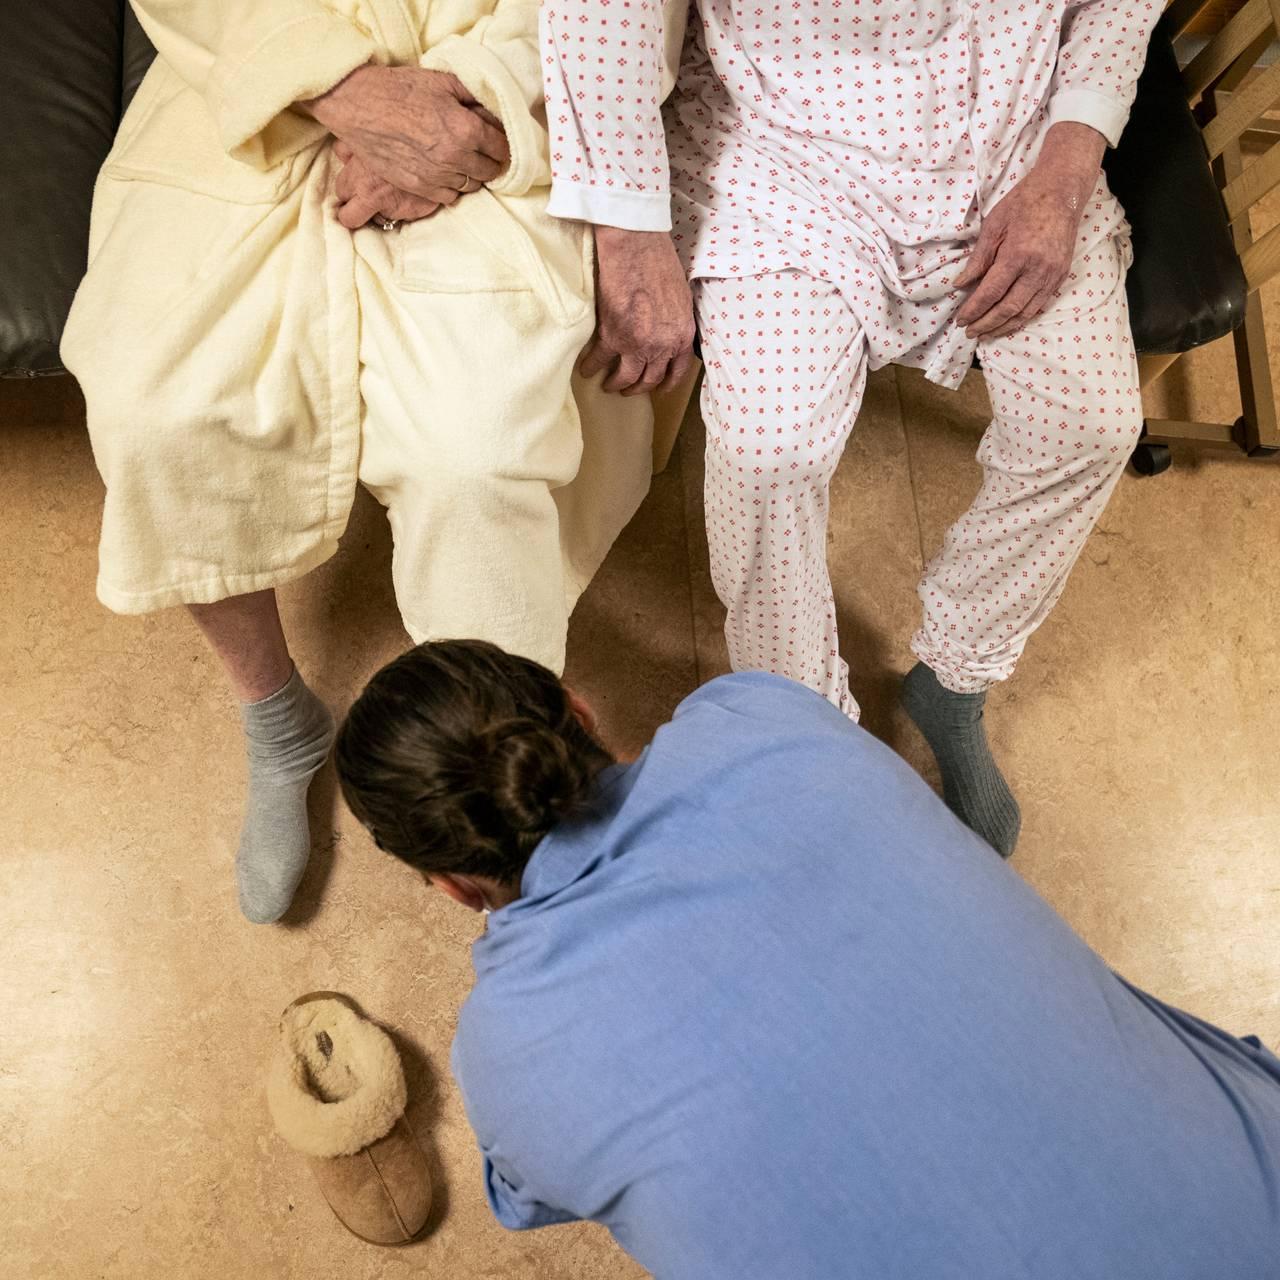 Ekteparet sitter i sofaen i pysj med tøfler på. En pleier hjelper med å ta på tøfler.